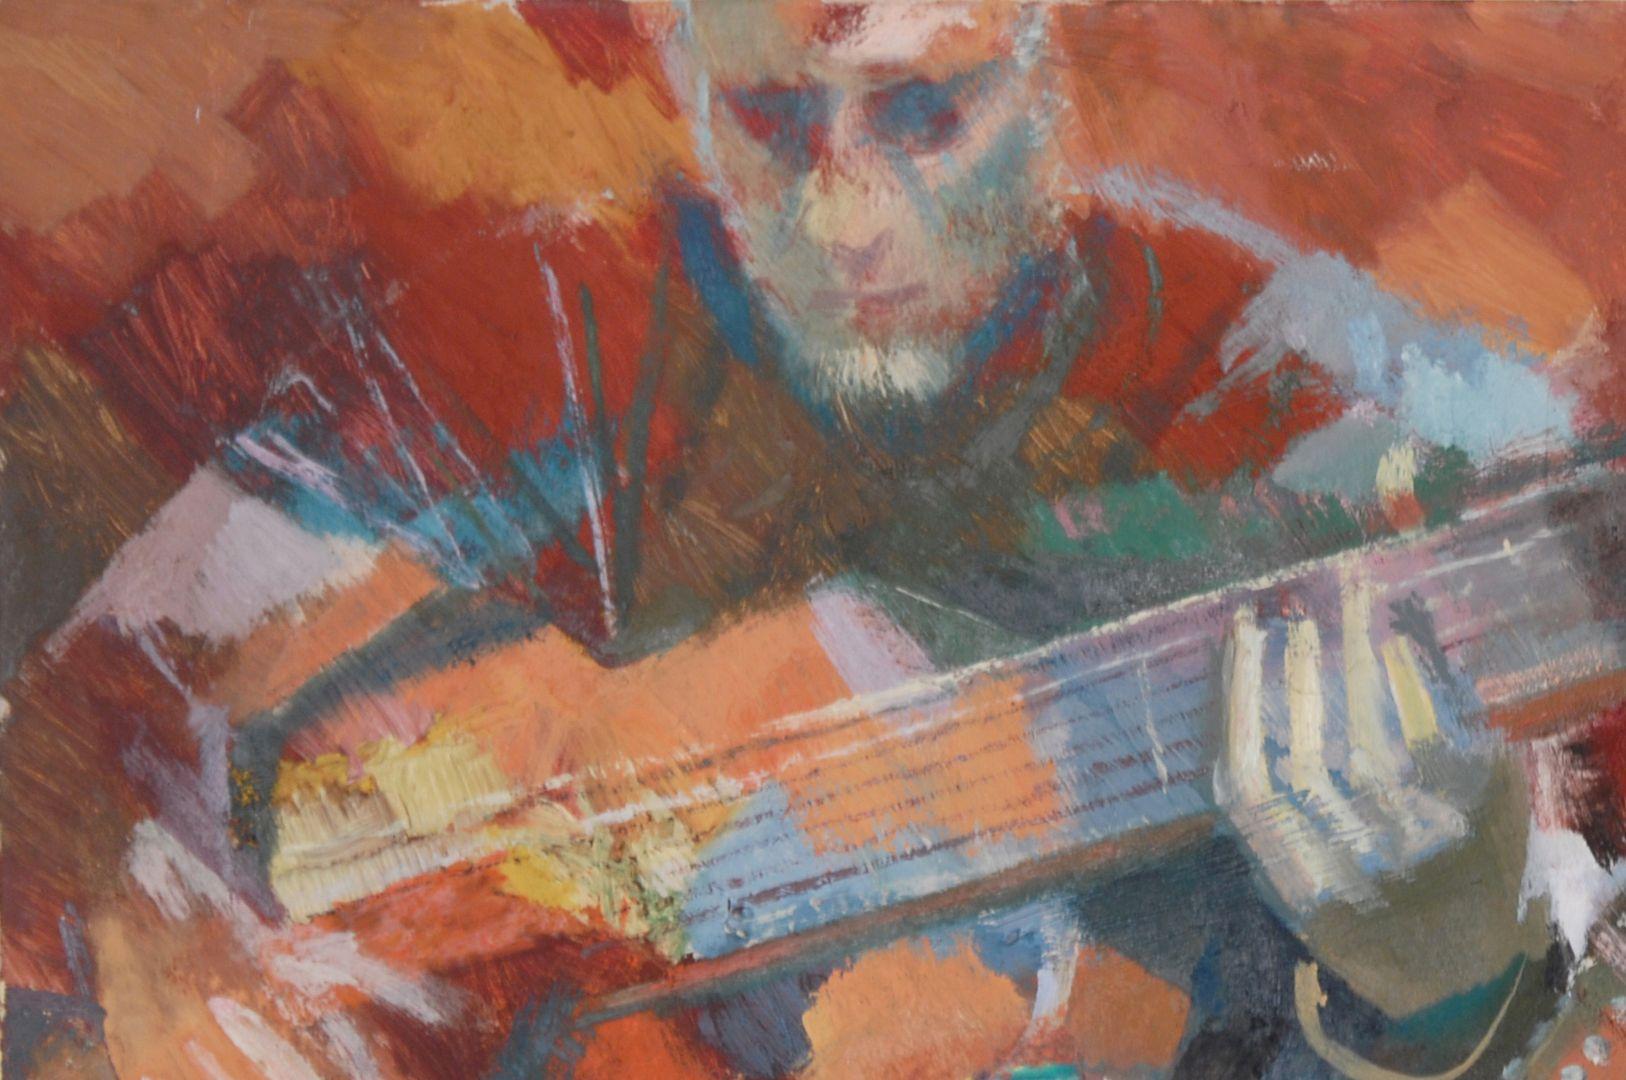 Der Gitarrenspieler Detailansicht